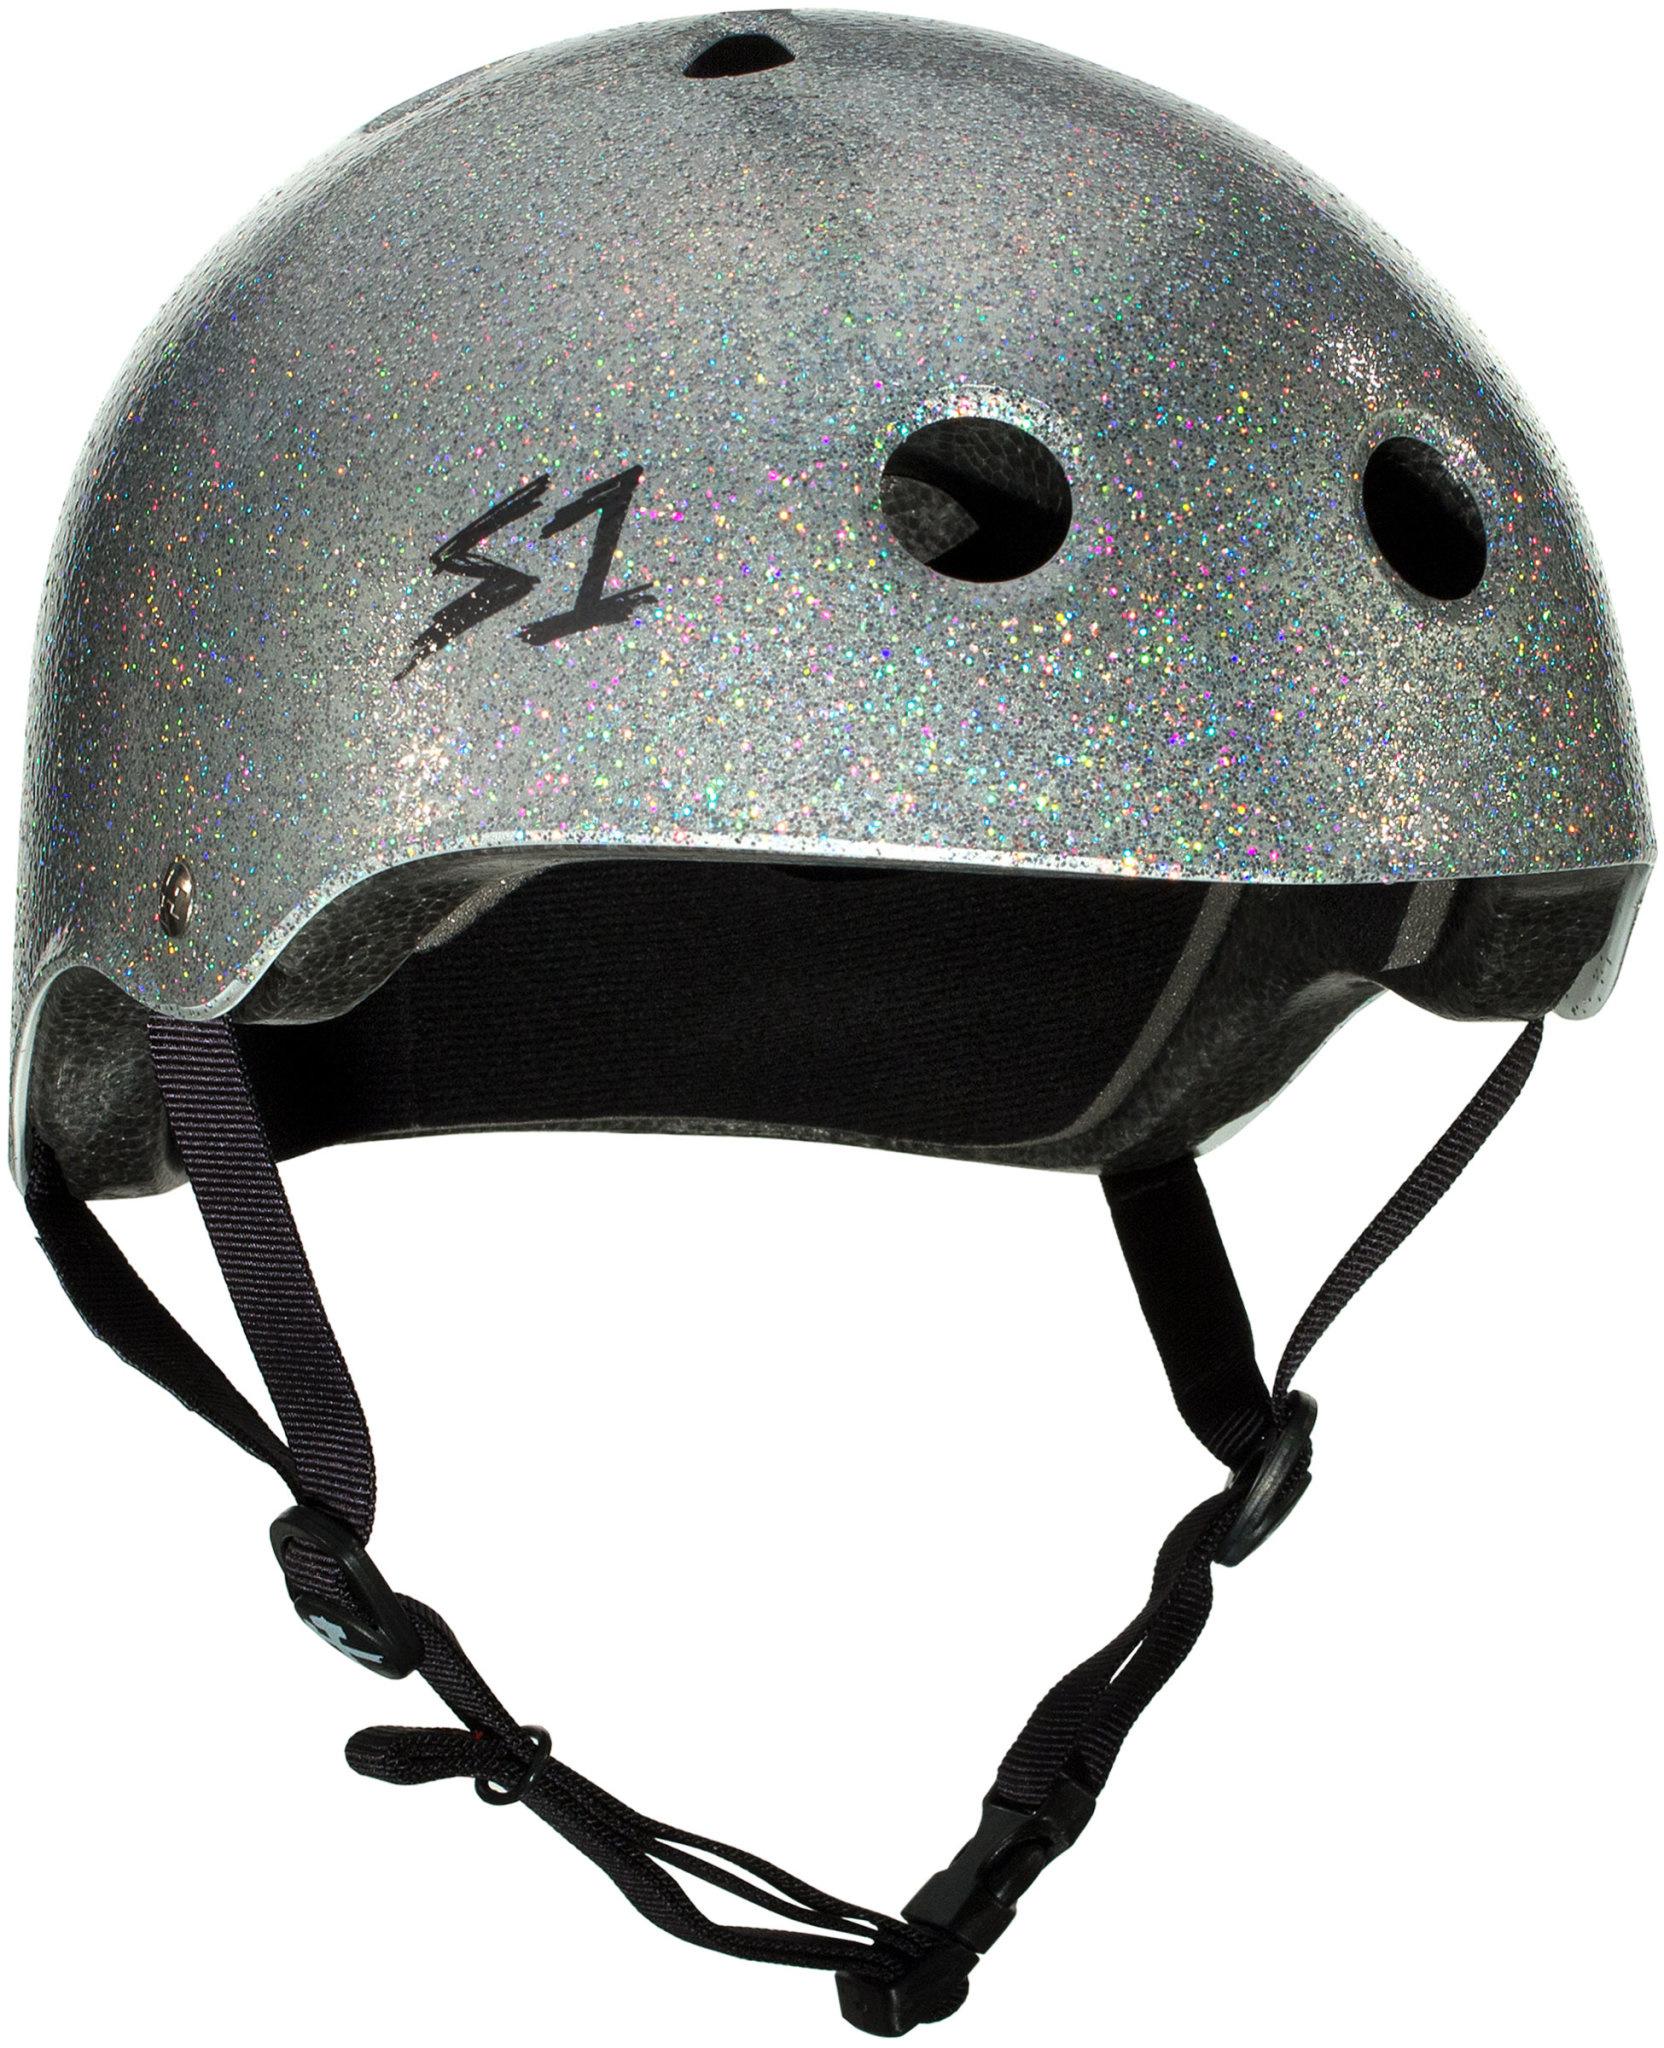 S-1 Lifer Helmet - Silver Gloss Glitter